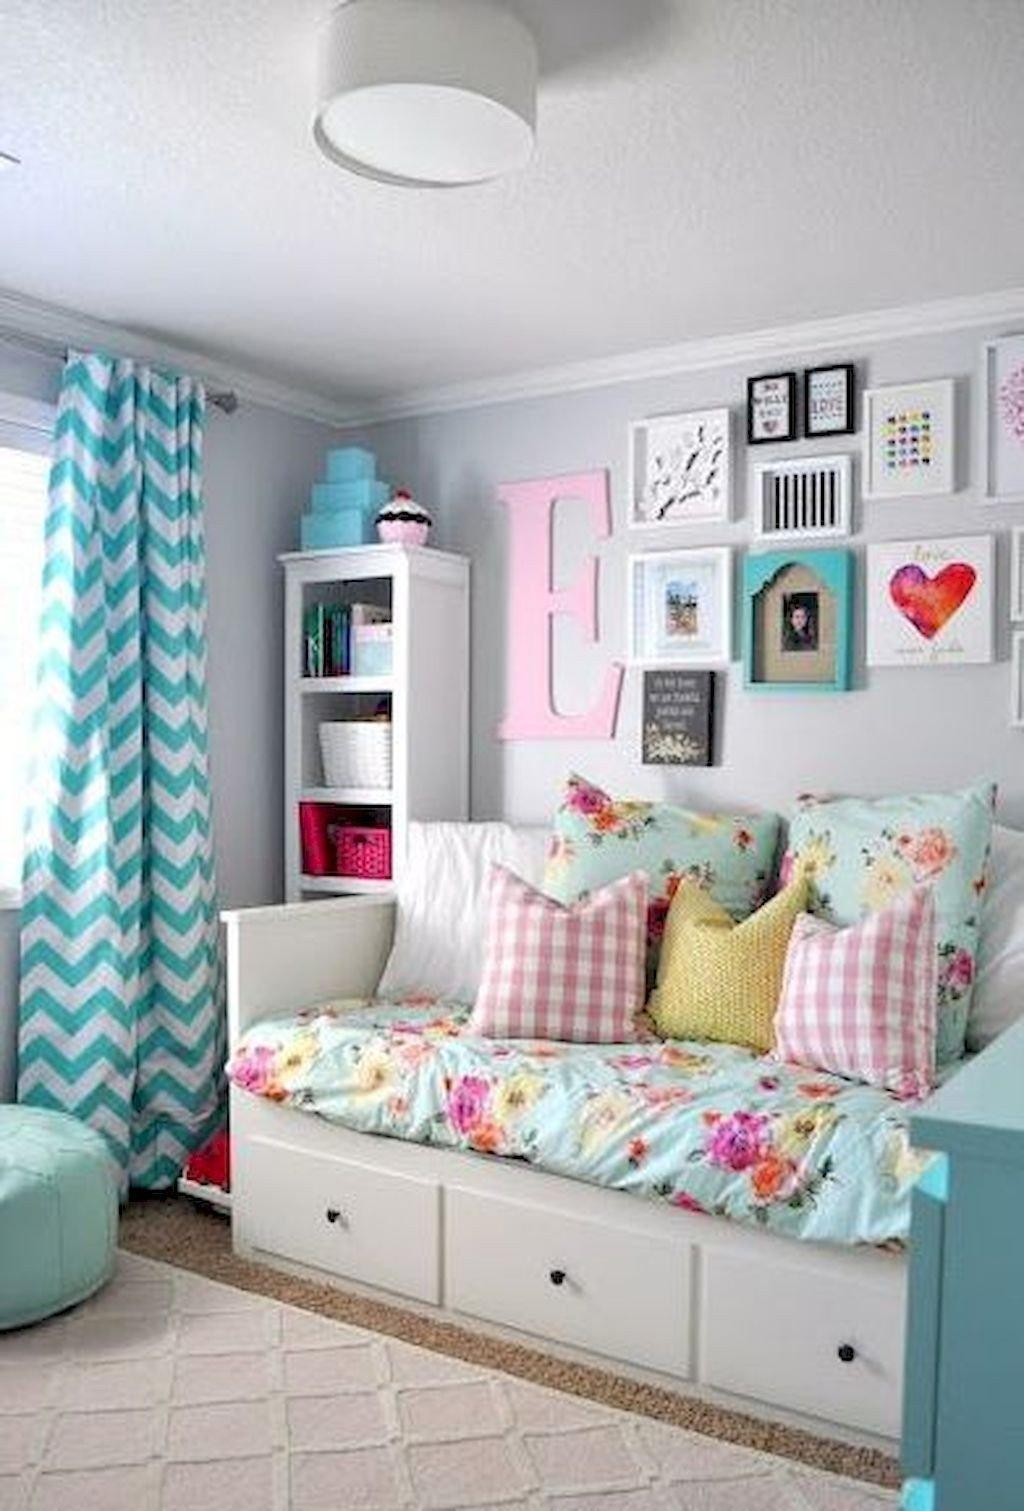 Girl Bedroom Decorating Ideas Unique Beautiful Tween Bedroom Decorating Ideas for Girls 24